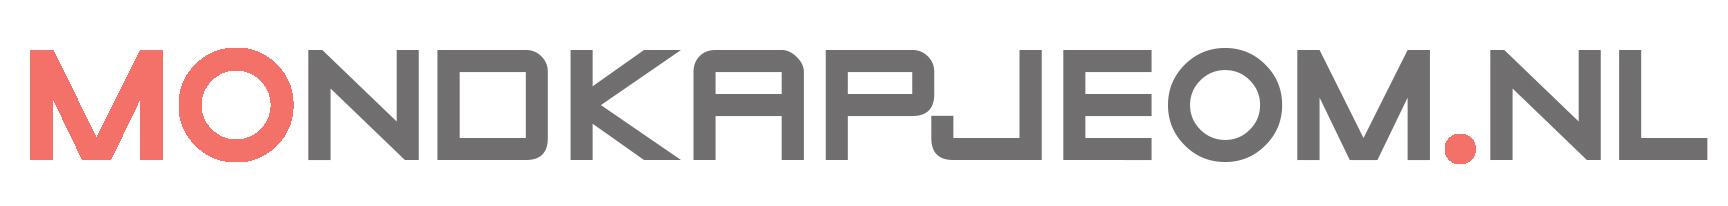 Mondkapjeom logo